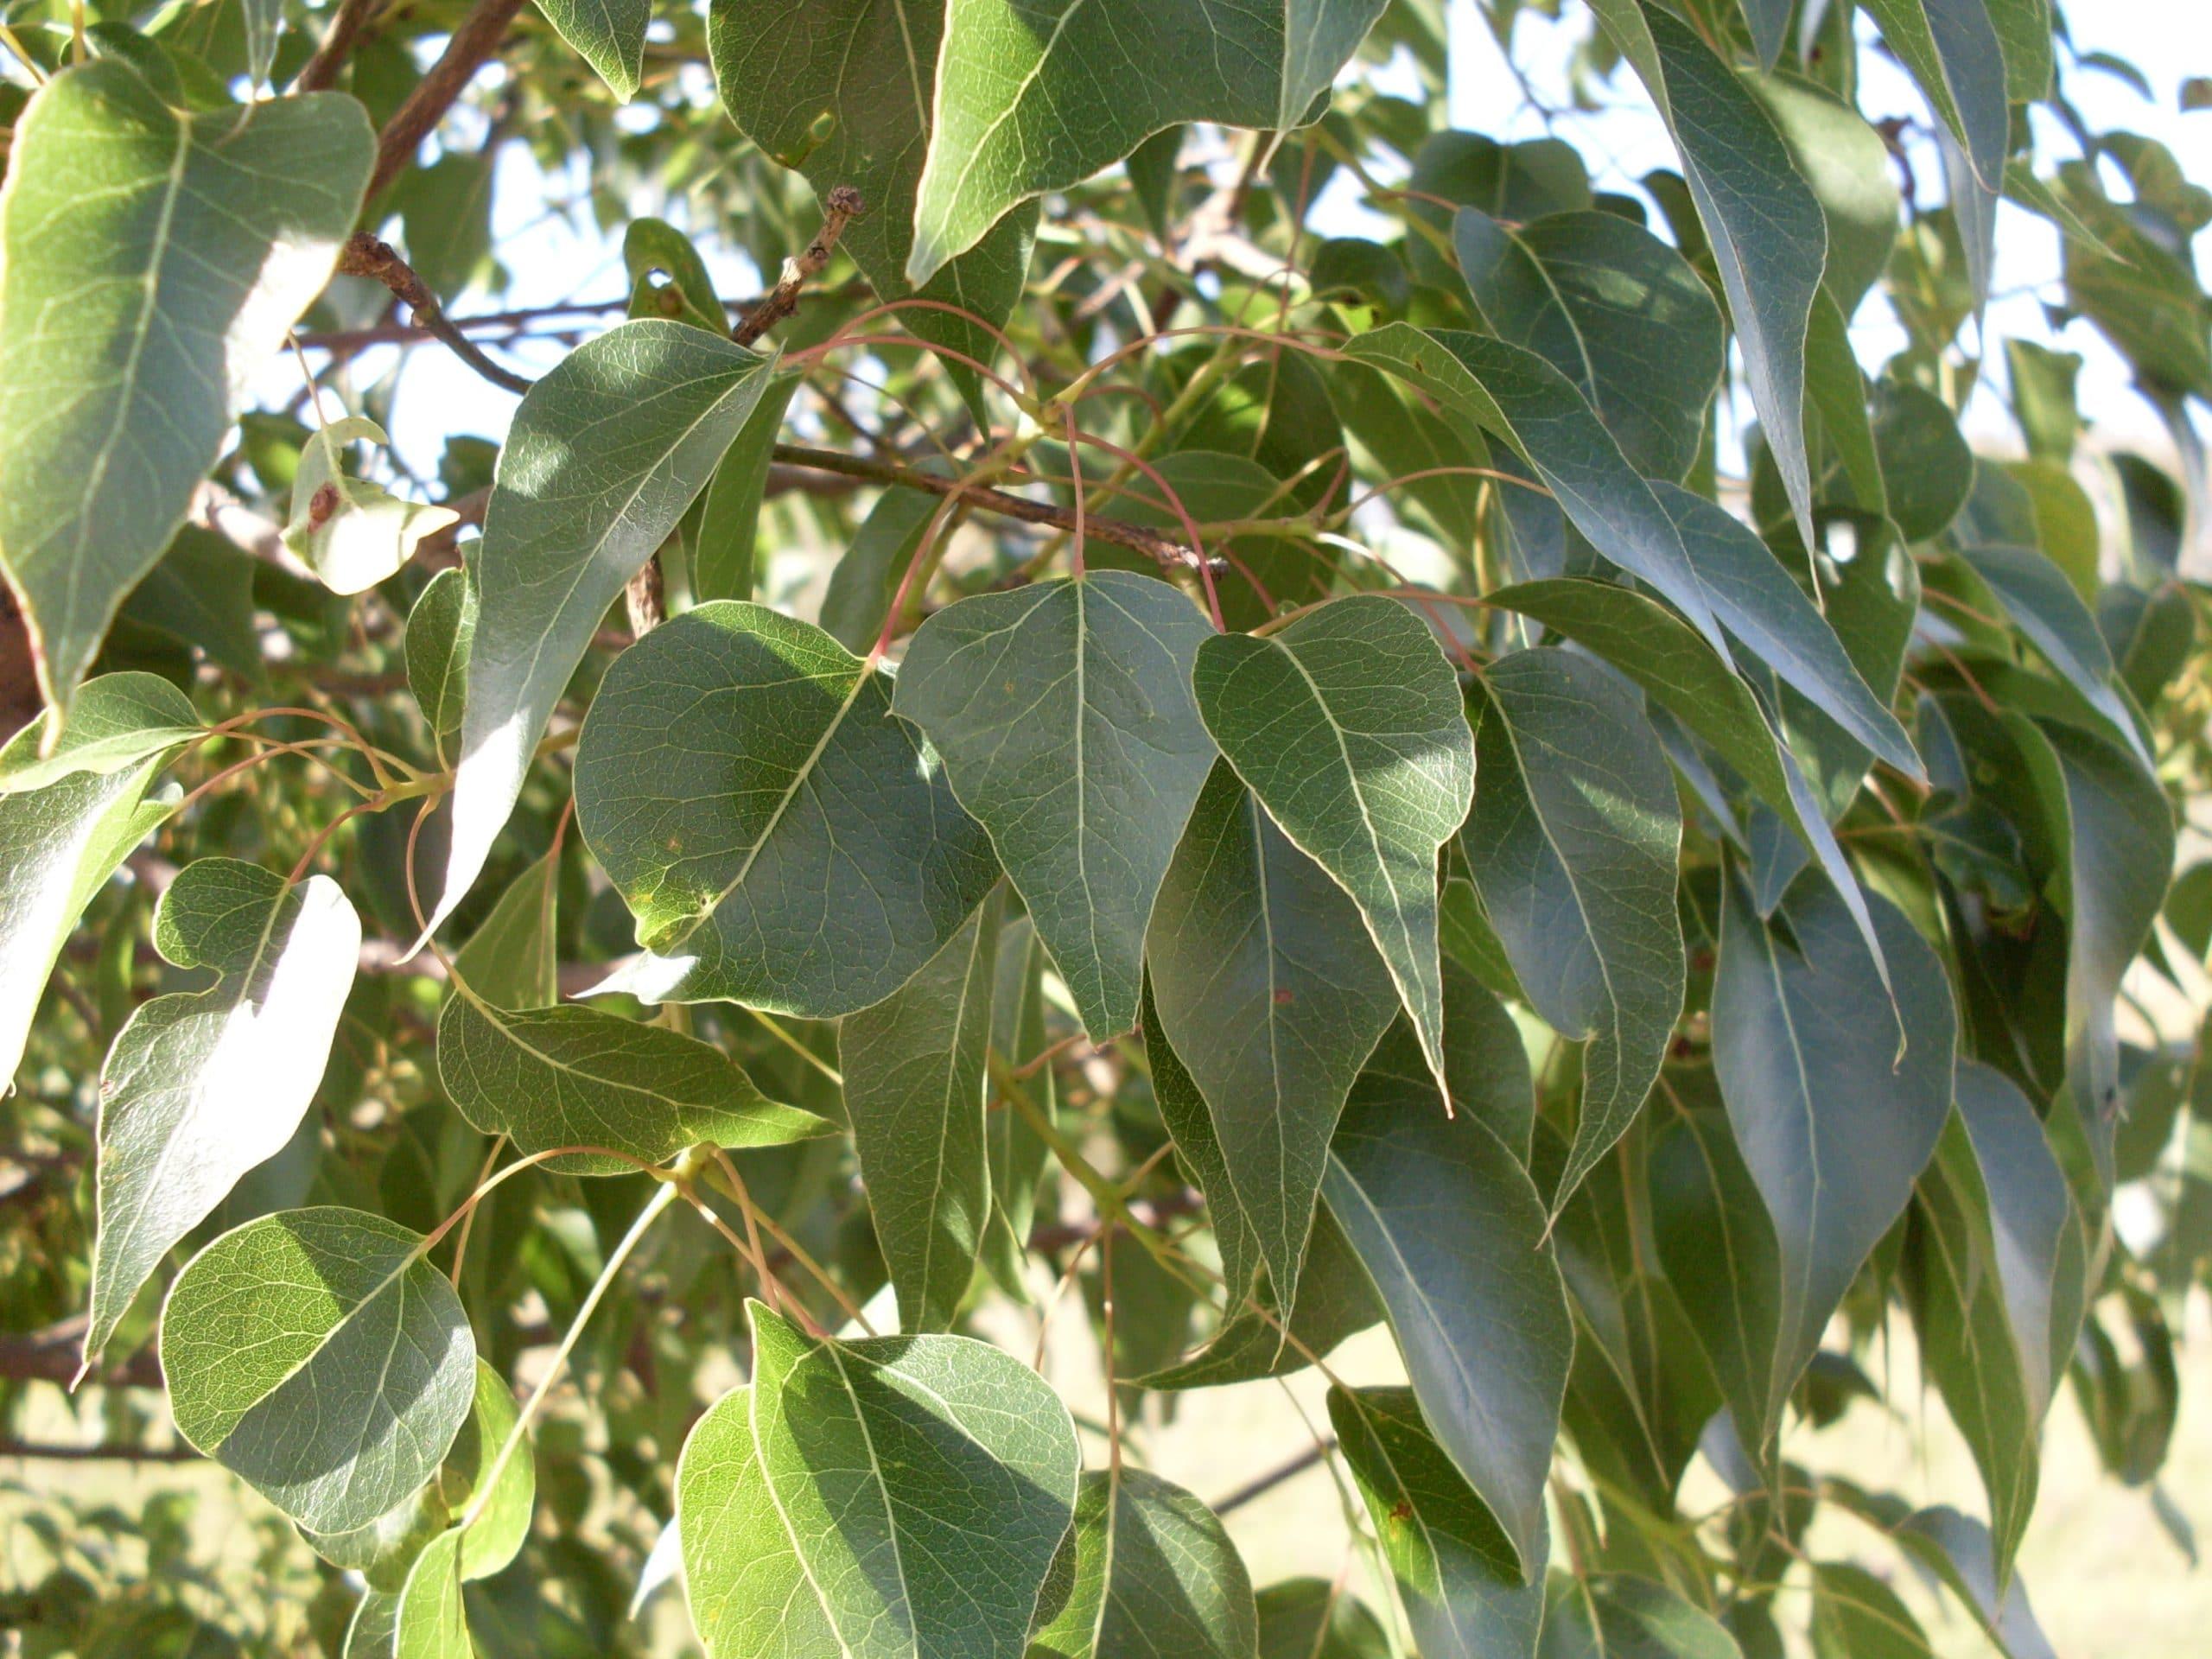 Selecci n de plantas para cercos for Arboles para jardin de hoja perenne